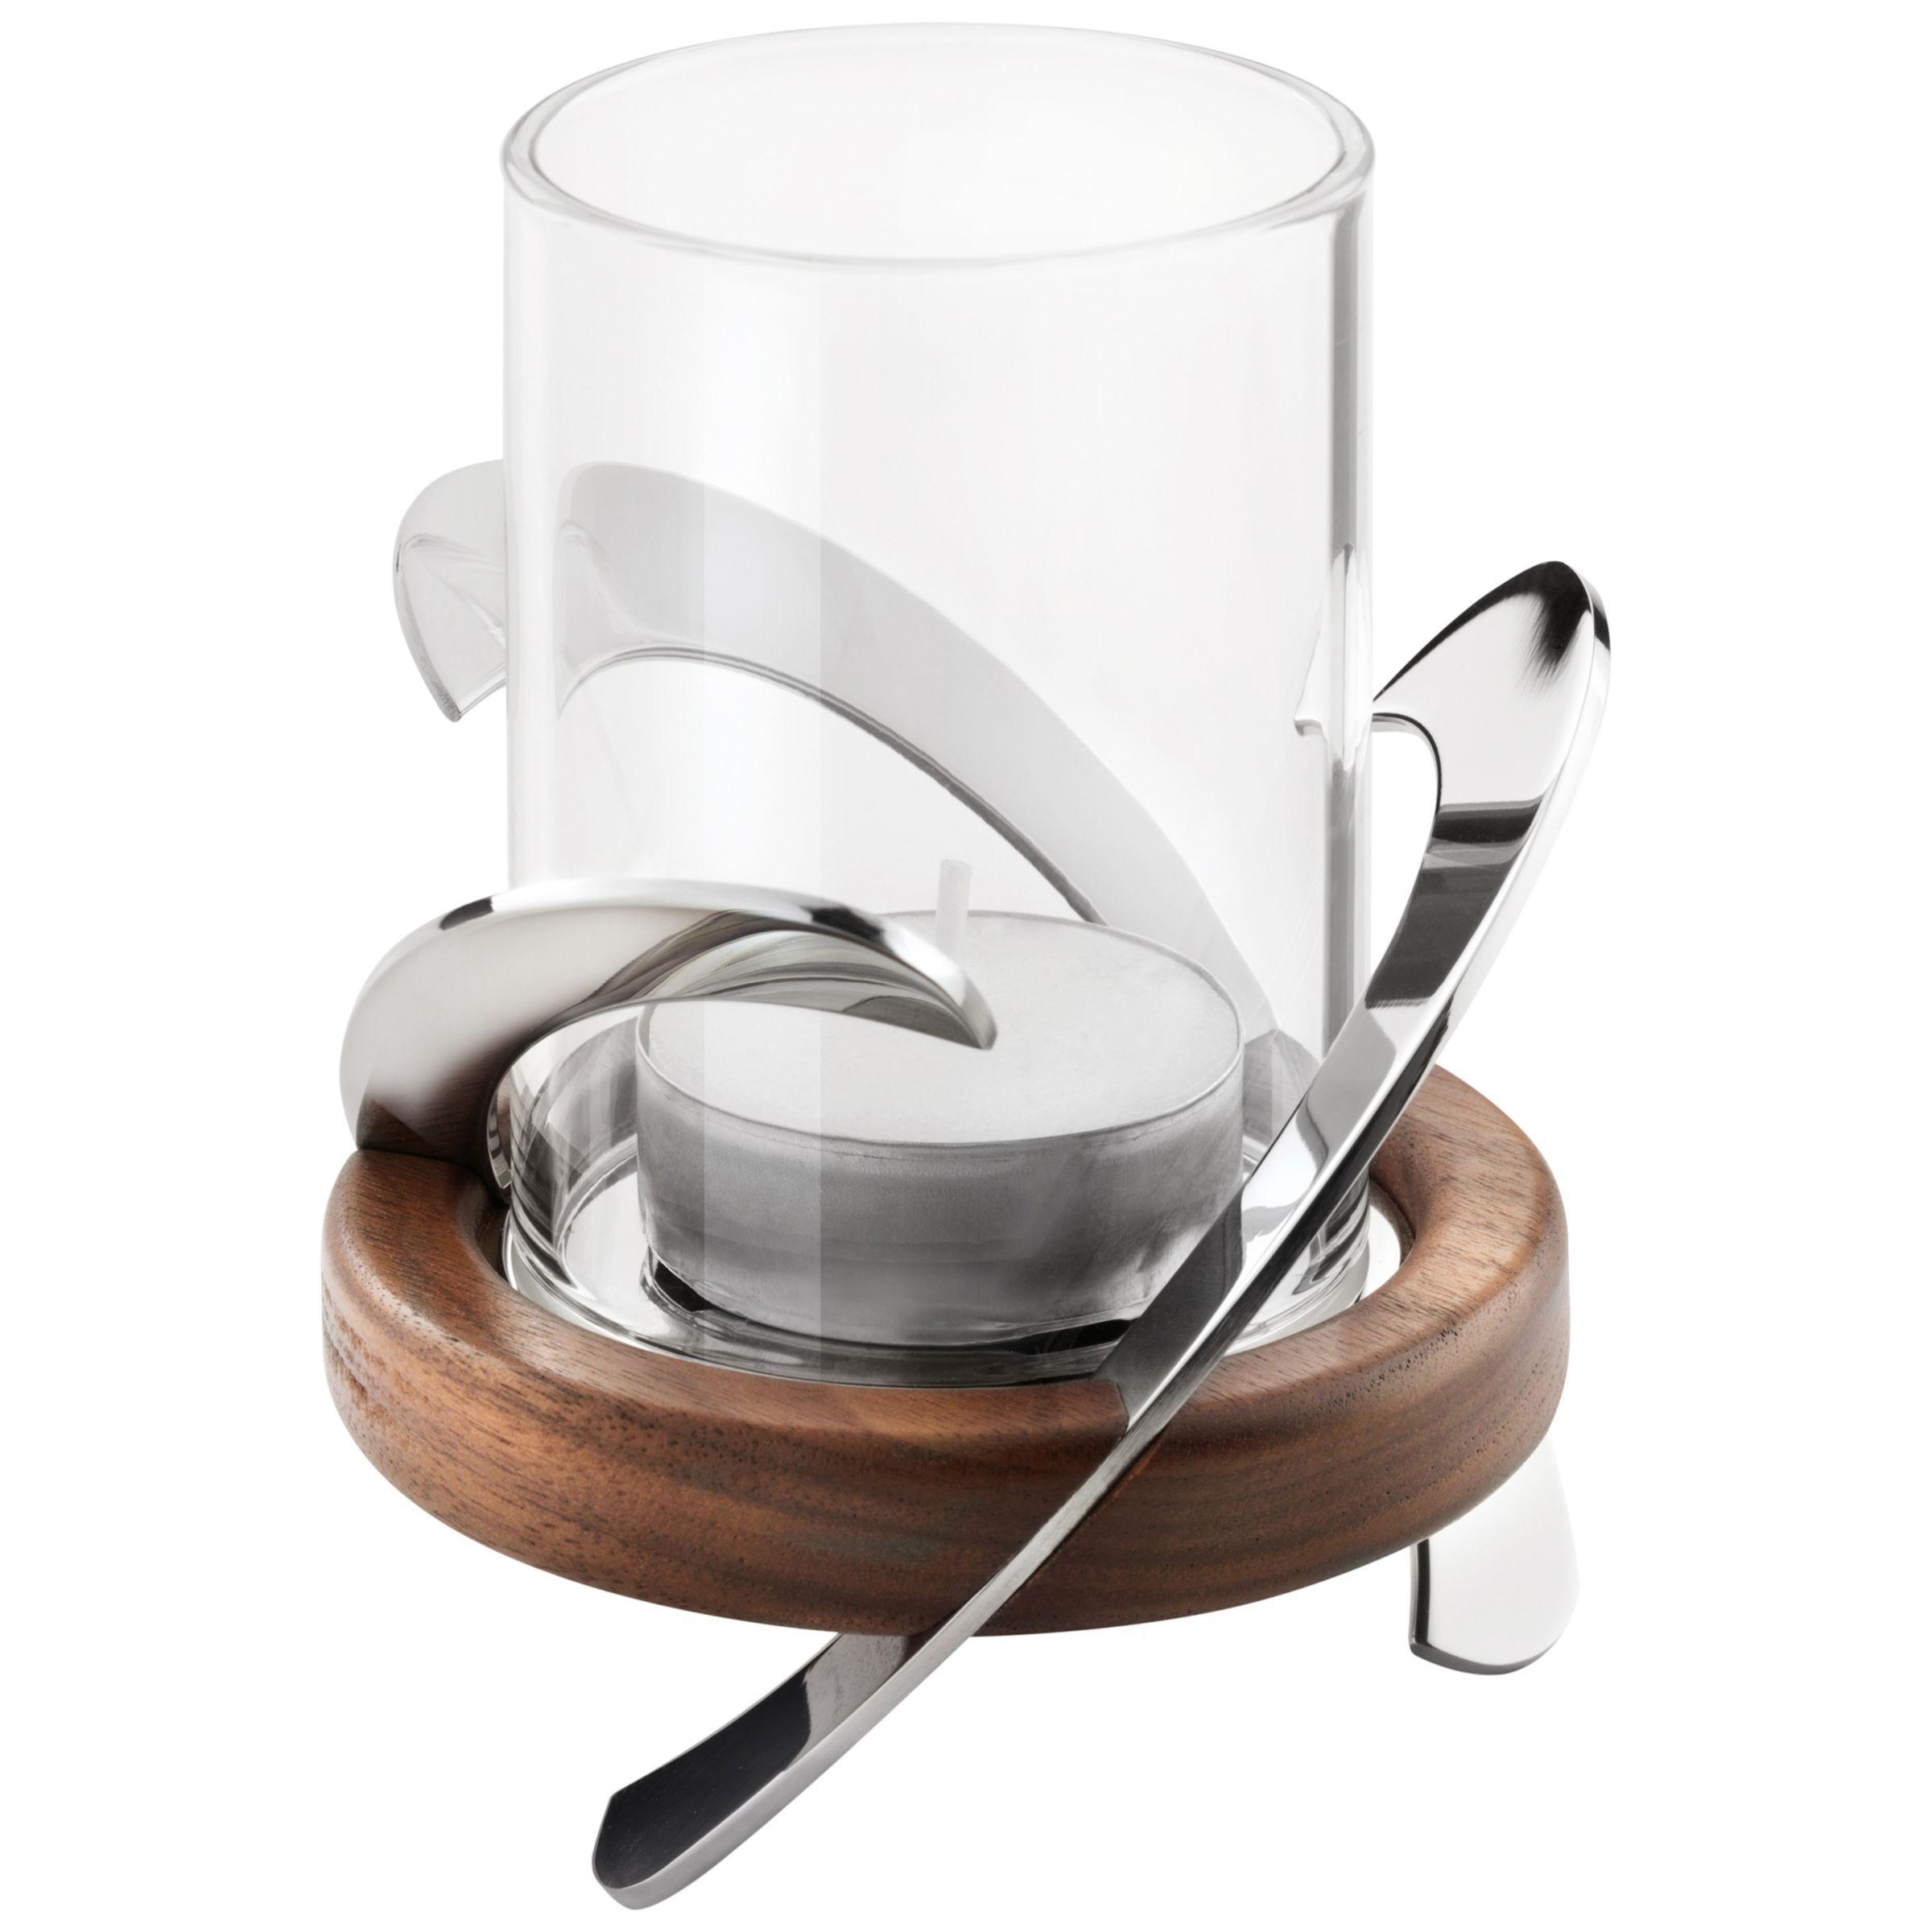 Robert Welch Helix Tea Light Holder  - Silver